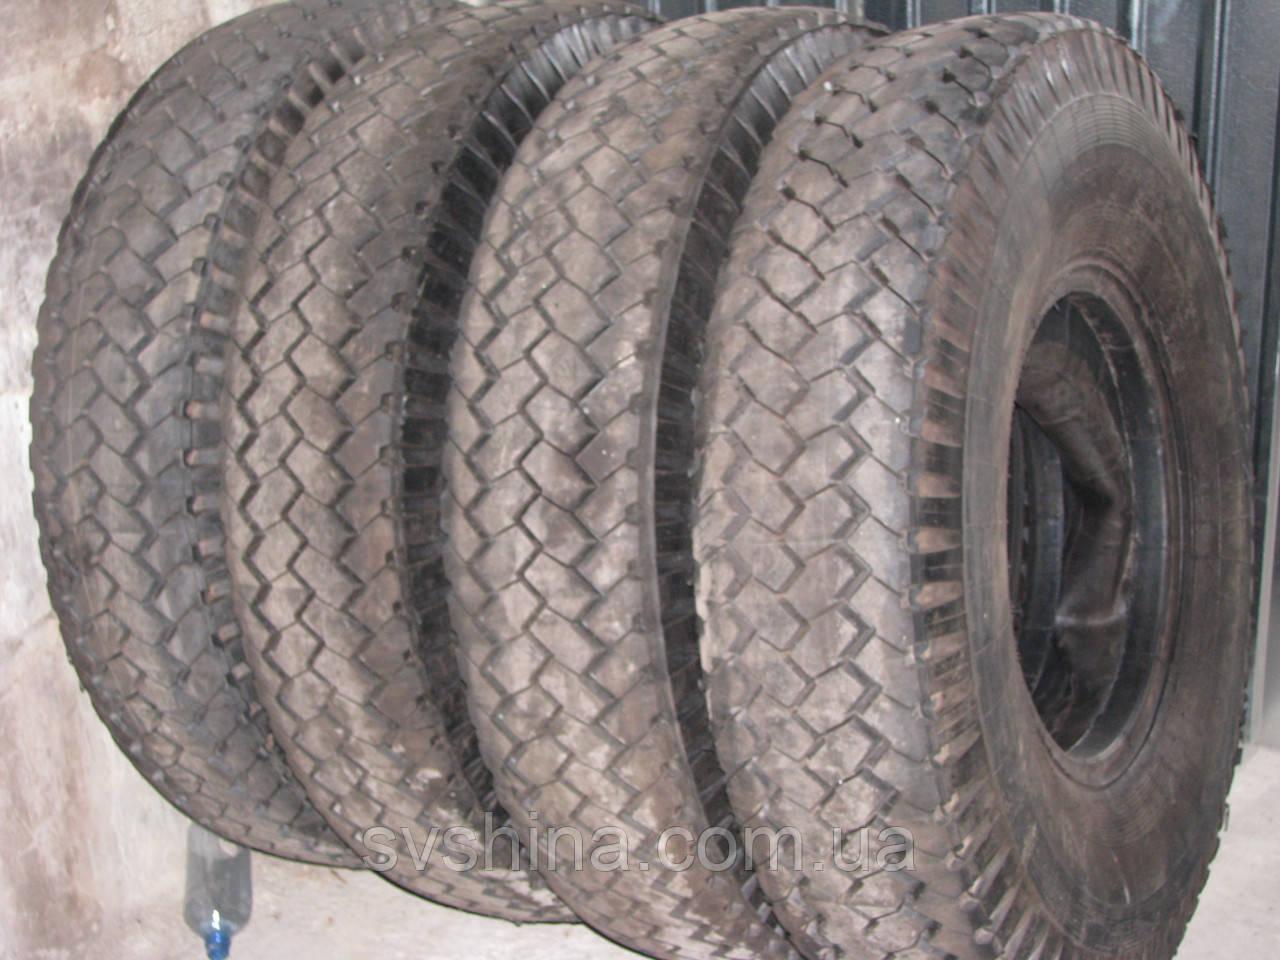 Грузовые шины 12.00R20 (320R508) Росава И-332, 18 нс